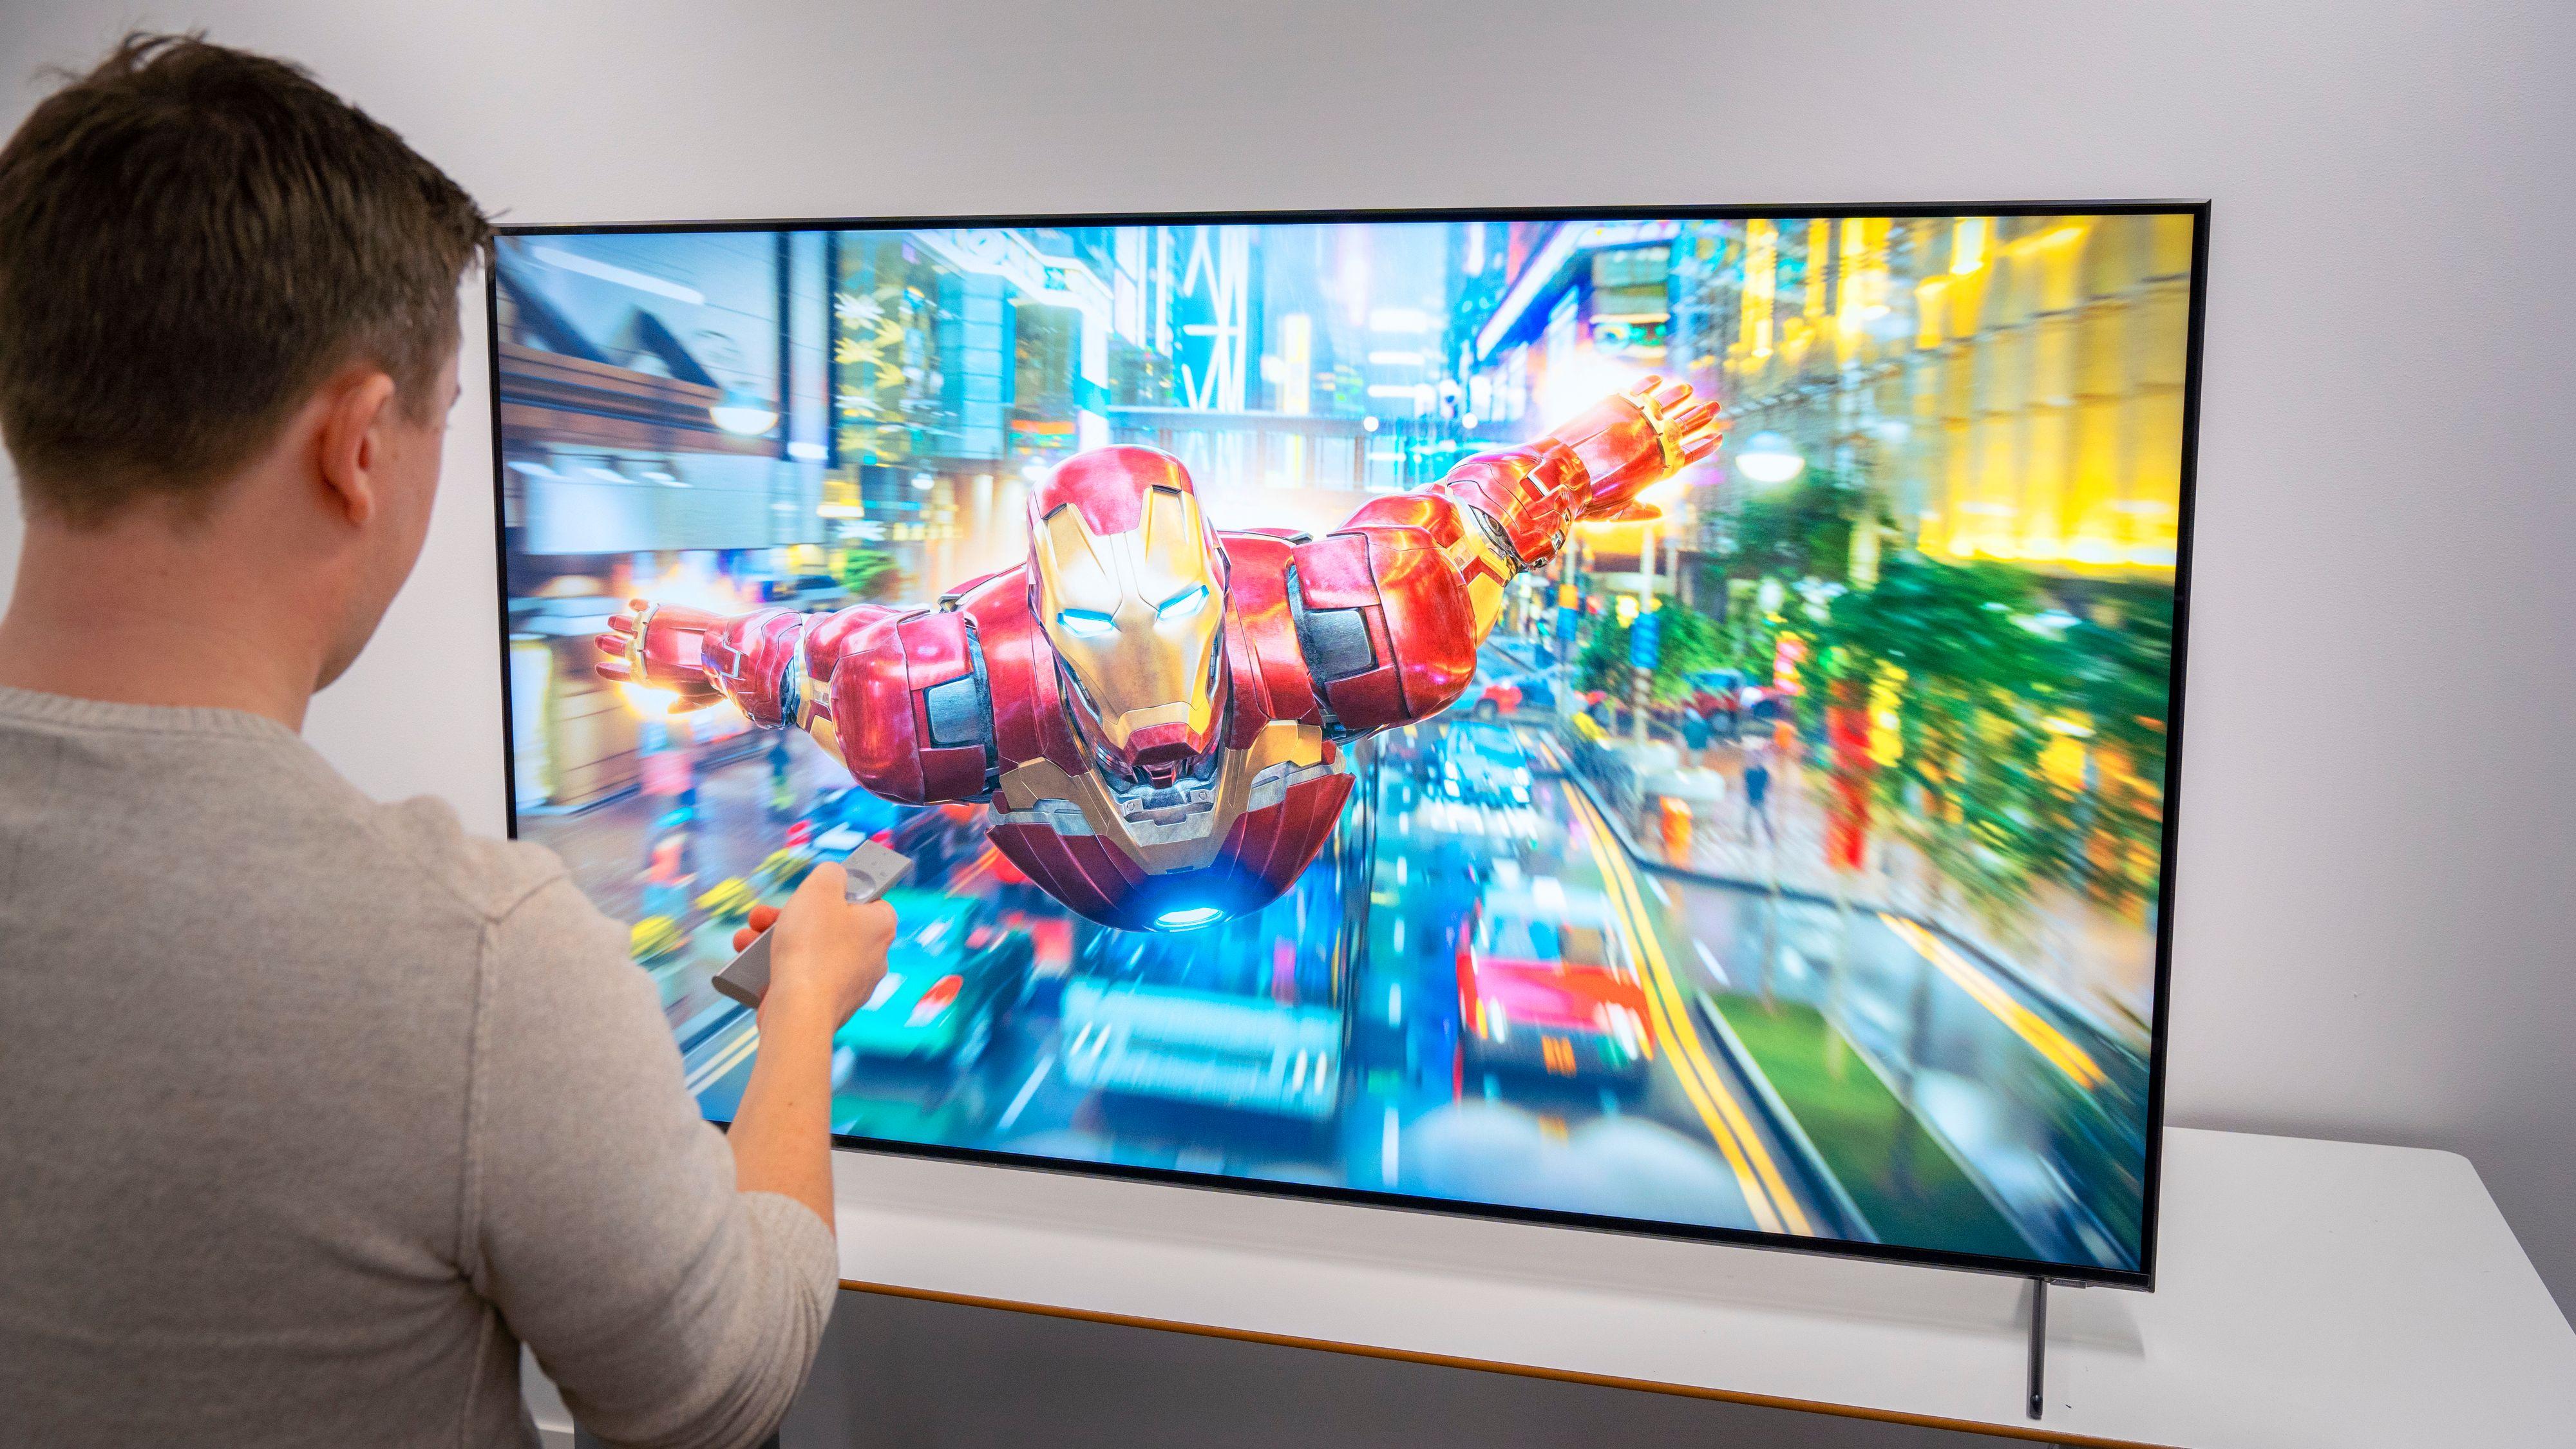 Nesten alle TV-er som selges har nå 4K. Snart kommer imidlertid 8K for fullt. Her Samsungs Q900, som allerede er på markedet.